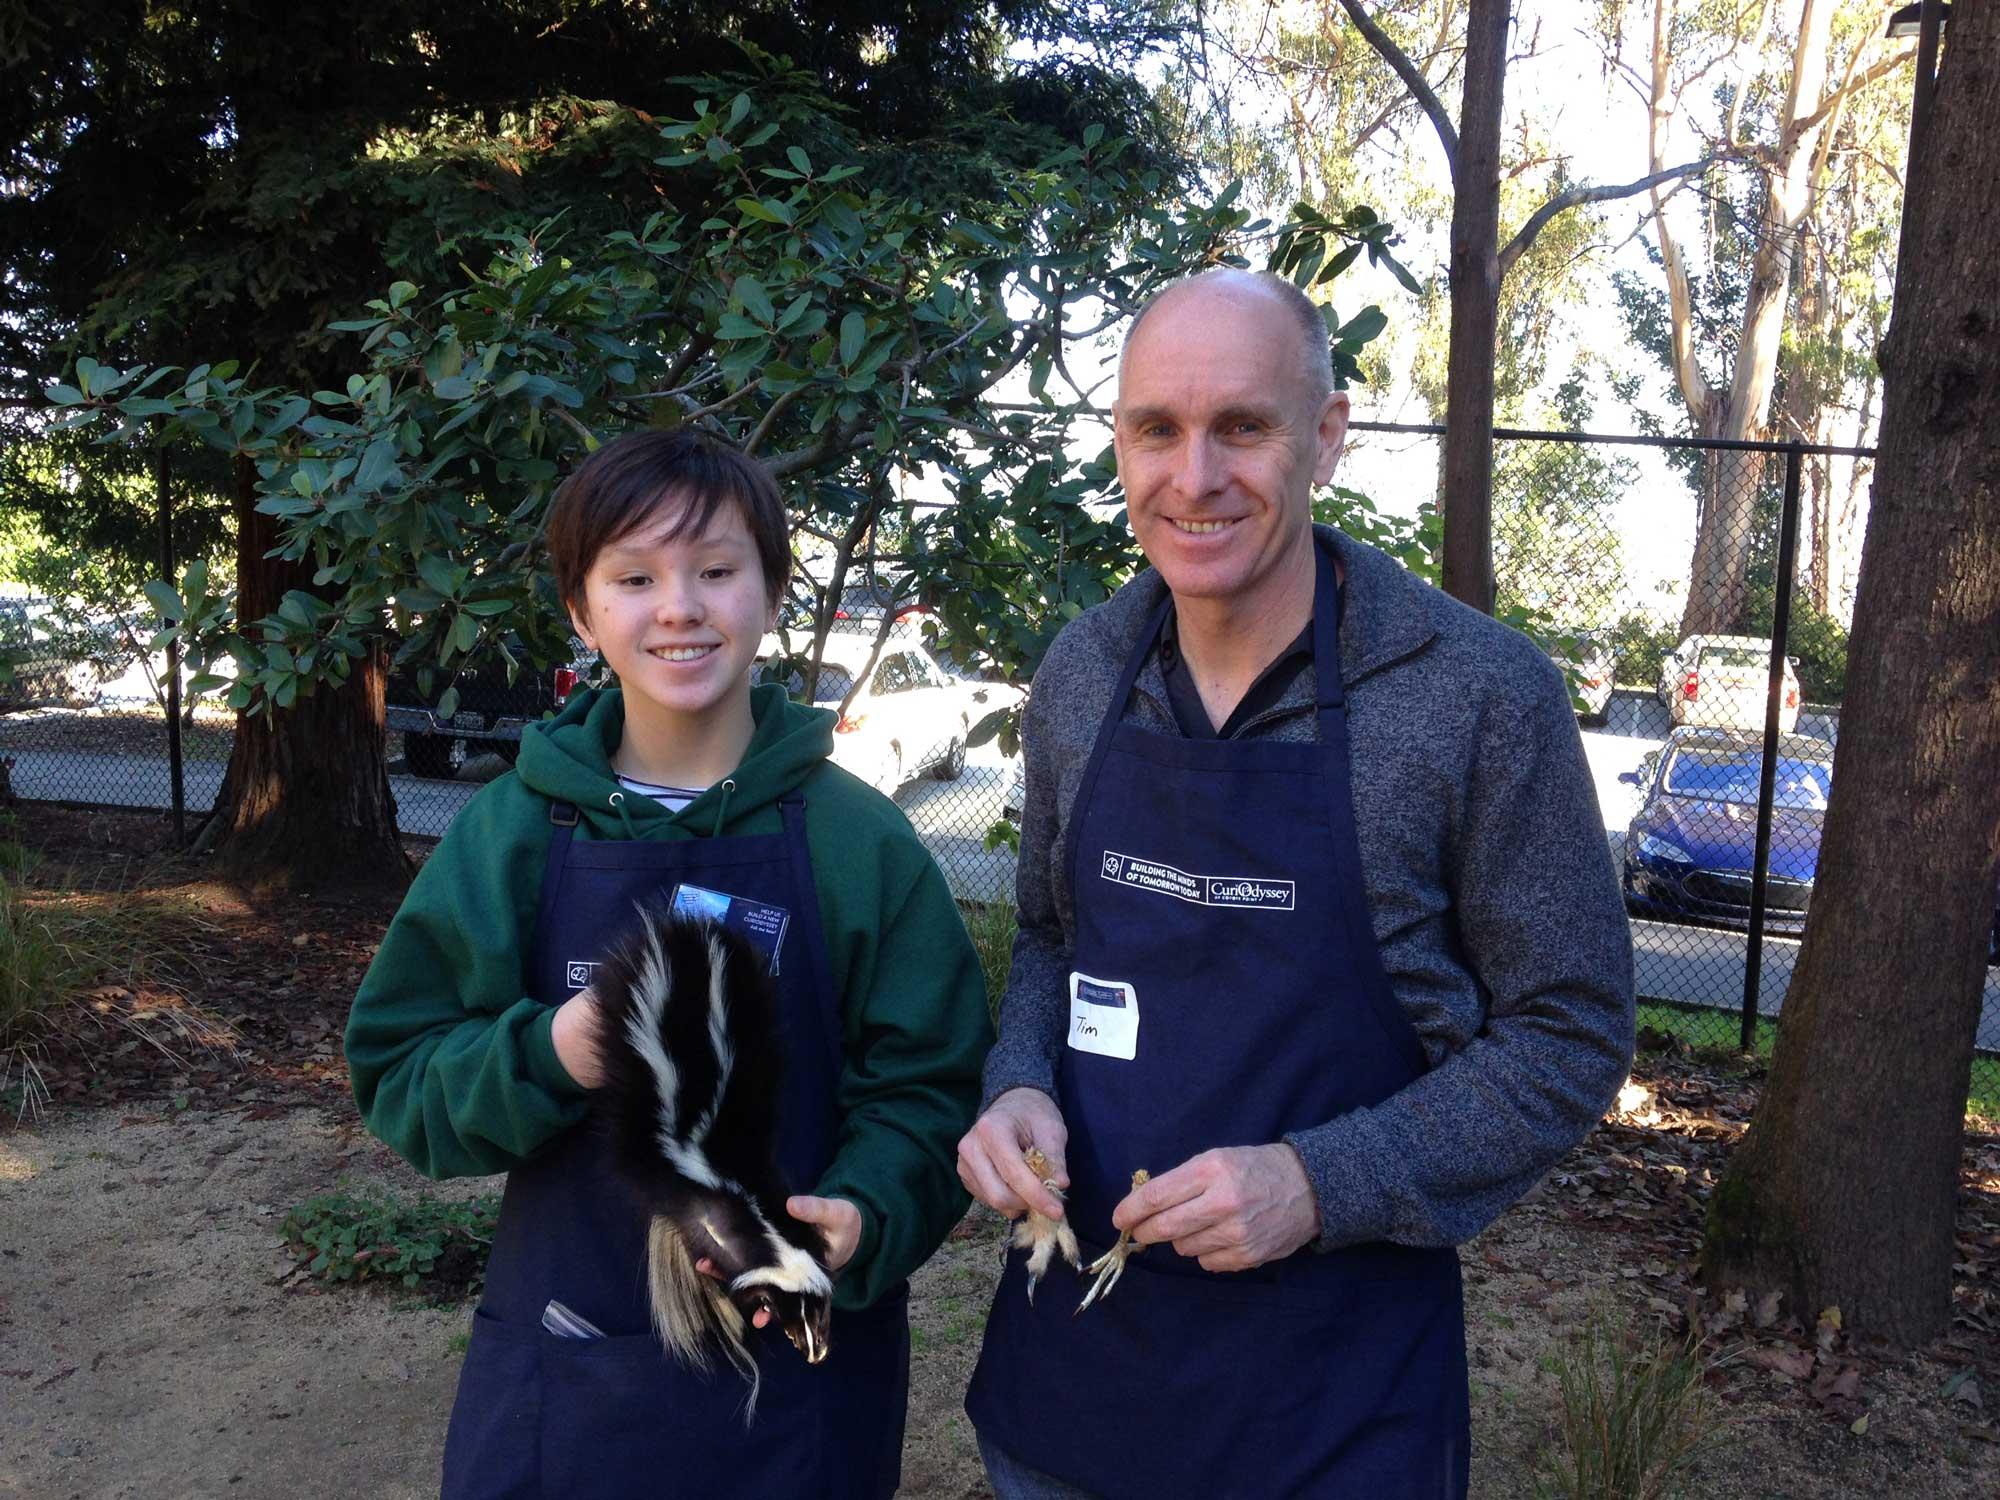 Volunteers Juliette and Tim